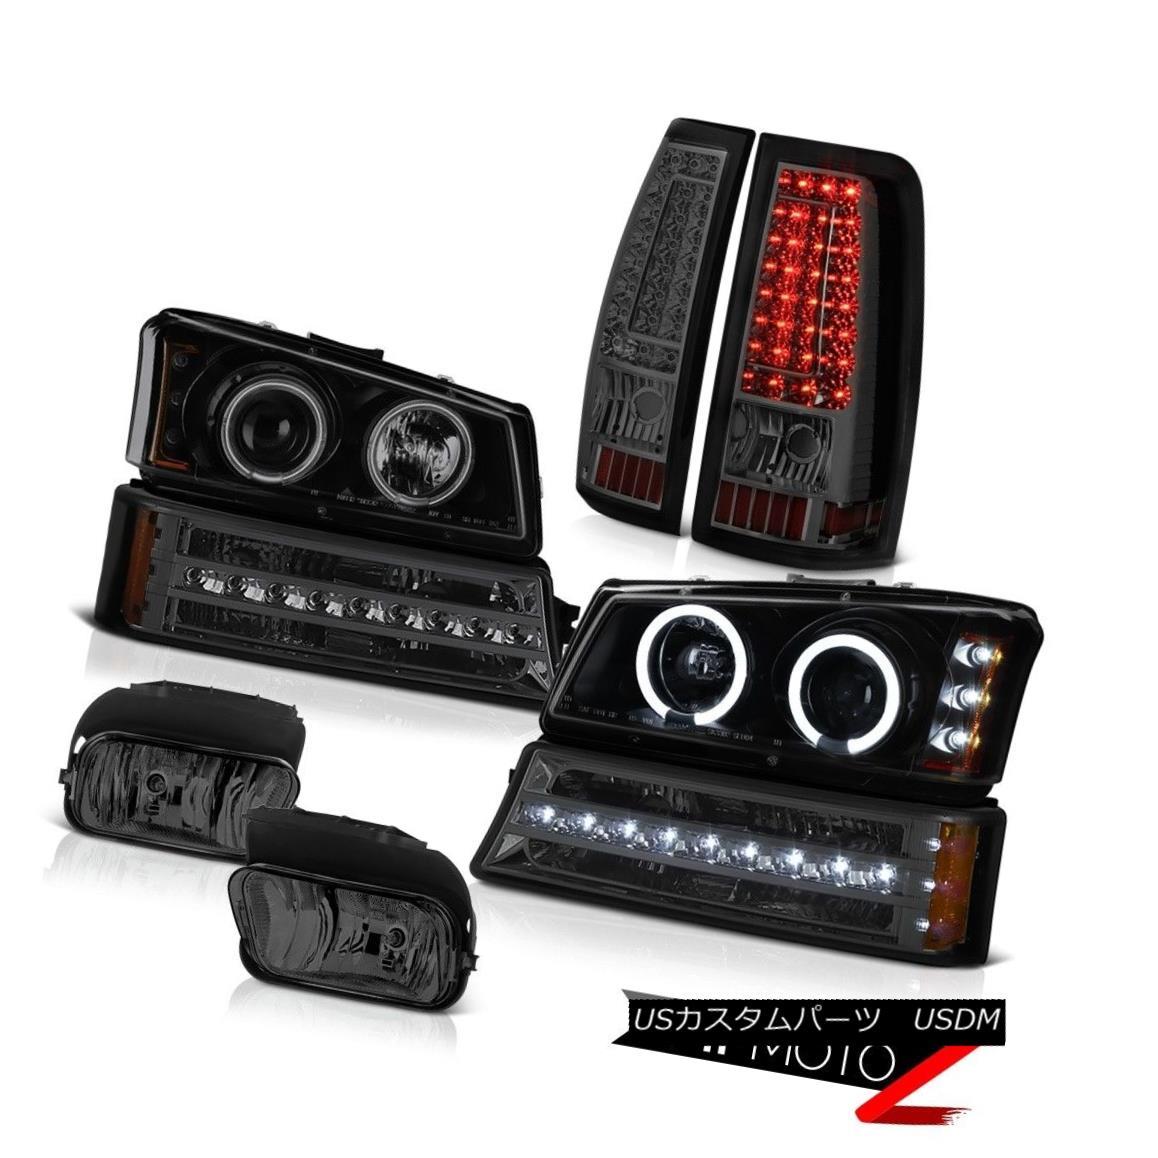 ヘッドライト 03-06 Silverado Fog Lights Tail Lamps Bumper Light Dark Tinted Headlights SMD 03-06 SilveradoフォグライトテールランプバンパーライトダークトライトヘッドライトSMD